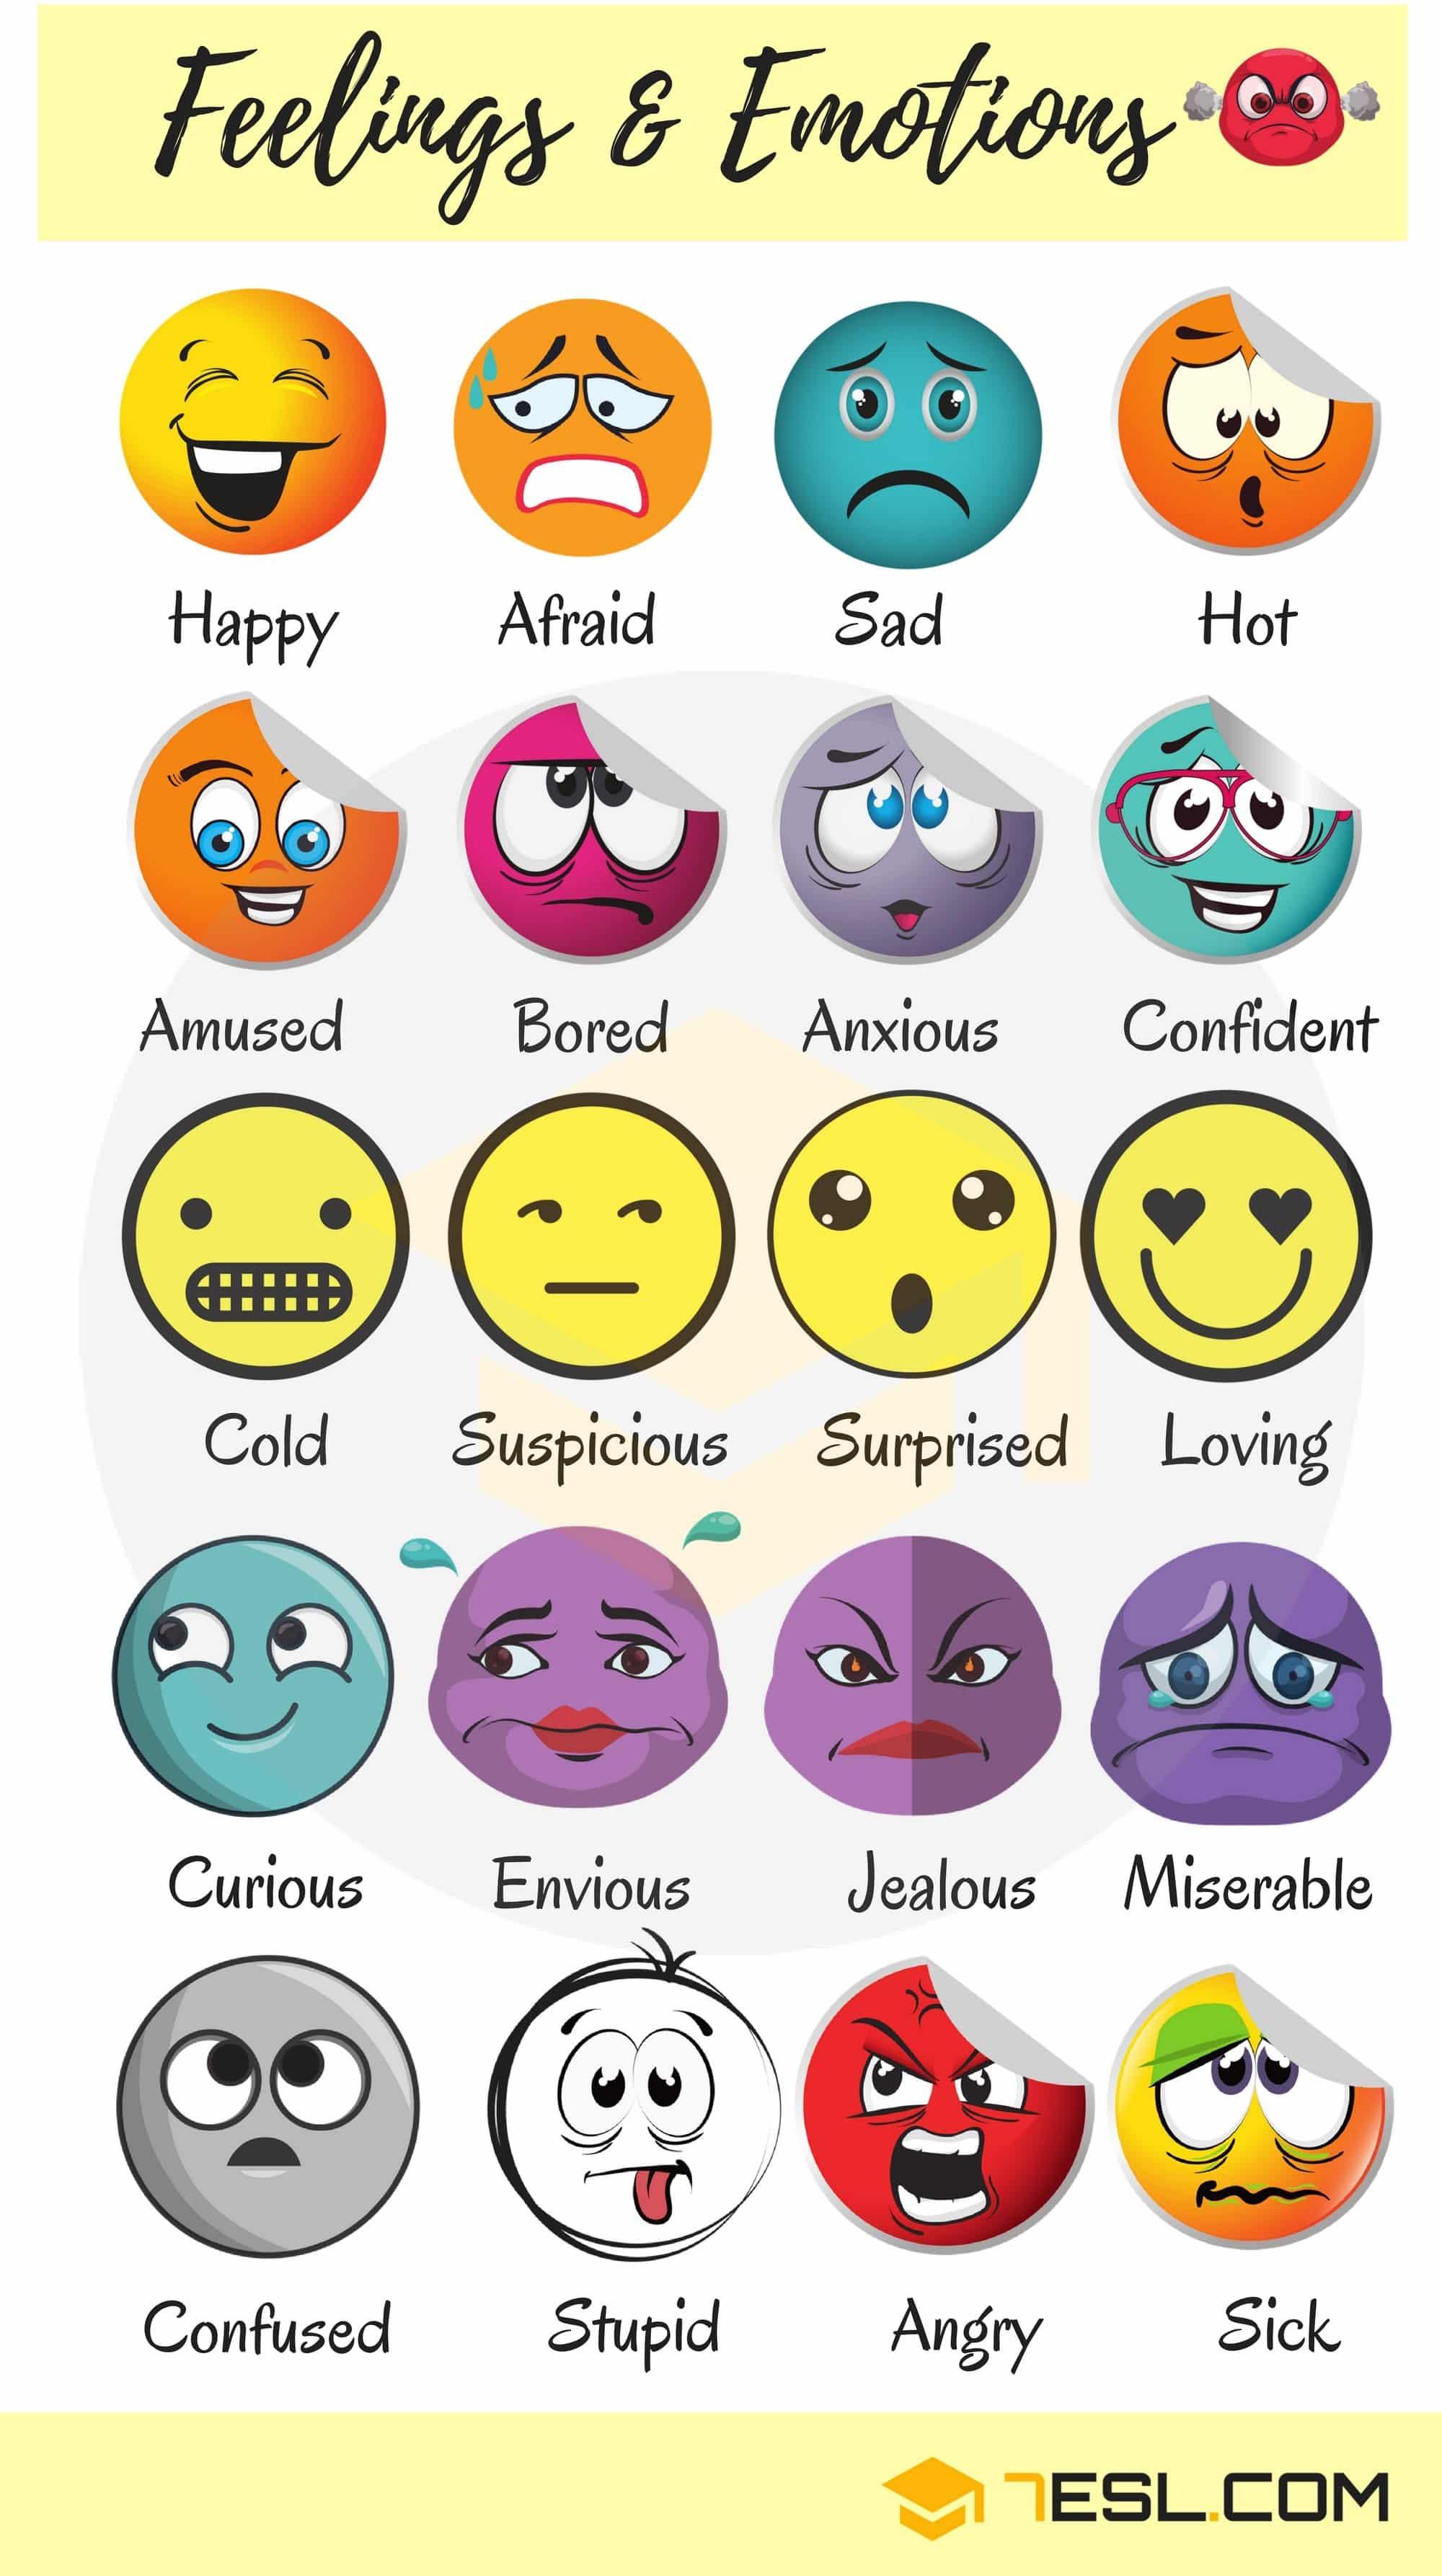 Image Feelings Emotions